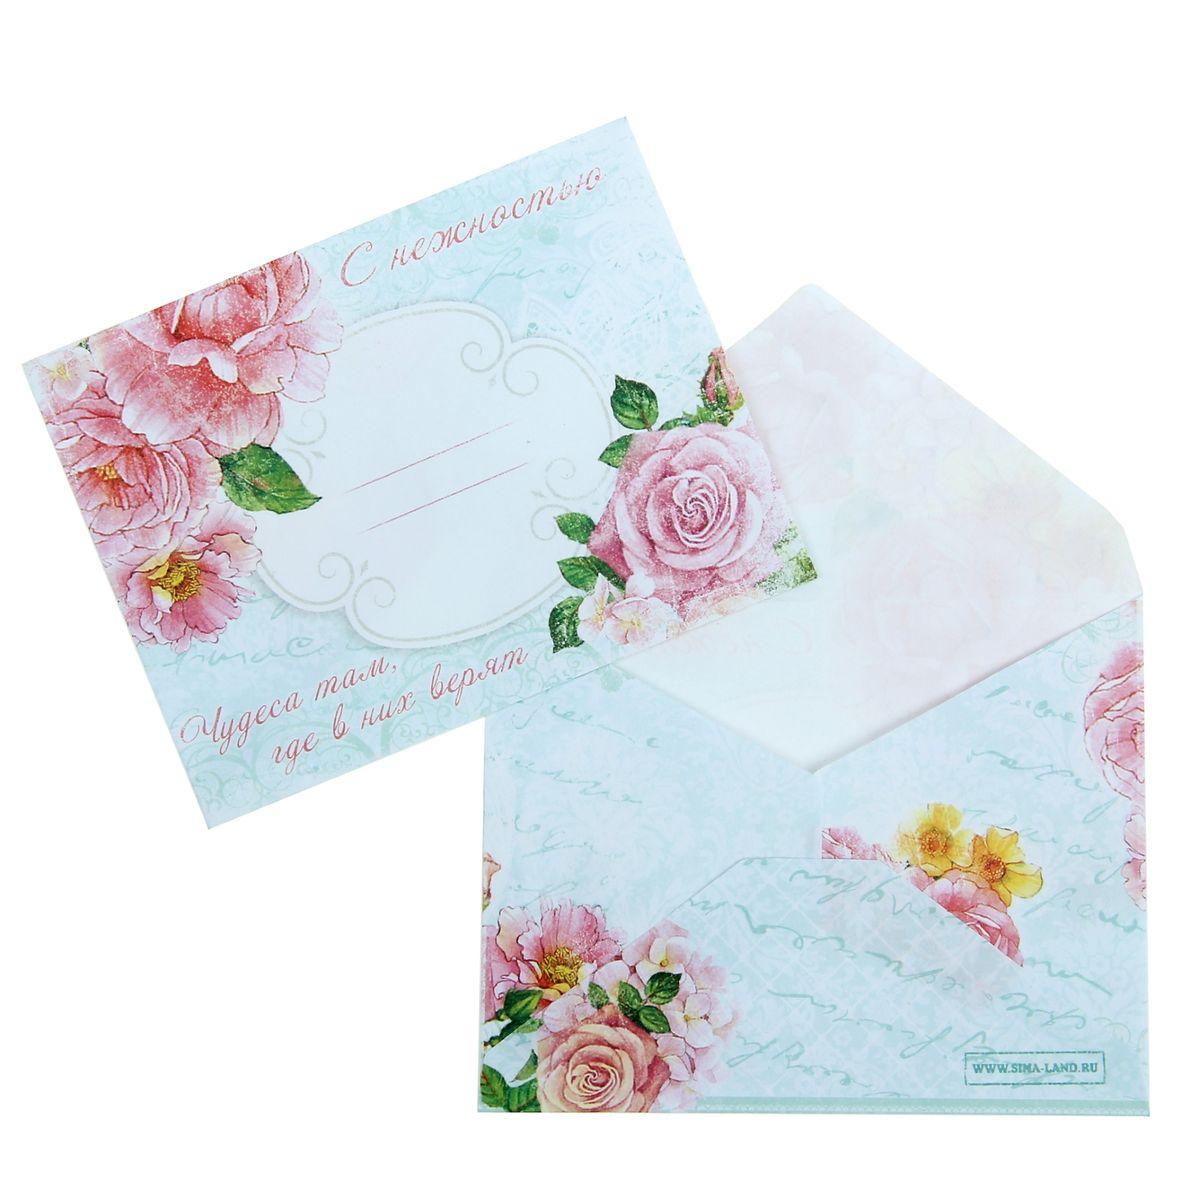 Конверт подарочный Шебби1021081Конверт Шебби, изготовленный из бумаги, станет отличным дополнением к подарку. Лицевая сторона конверта украшена изображениями роз, фразами, а также полем, где вы можете вписать от кого и кому предназначается данный конверт. Такой конверт особенно понравится любителям скрапбукинга!